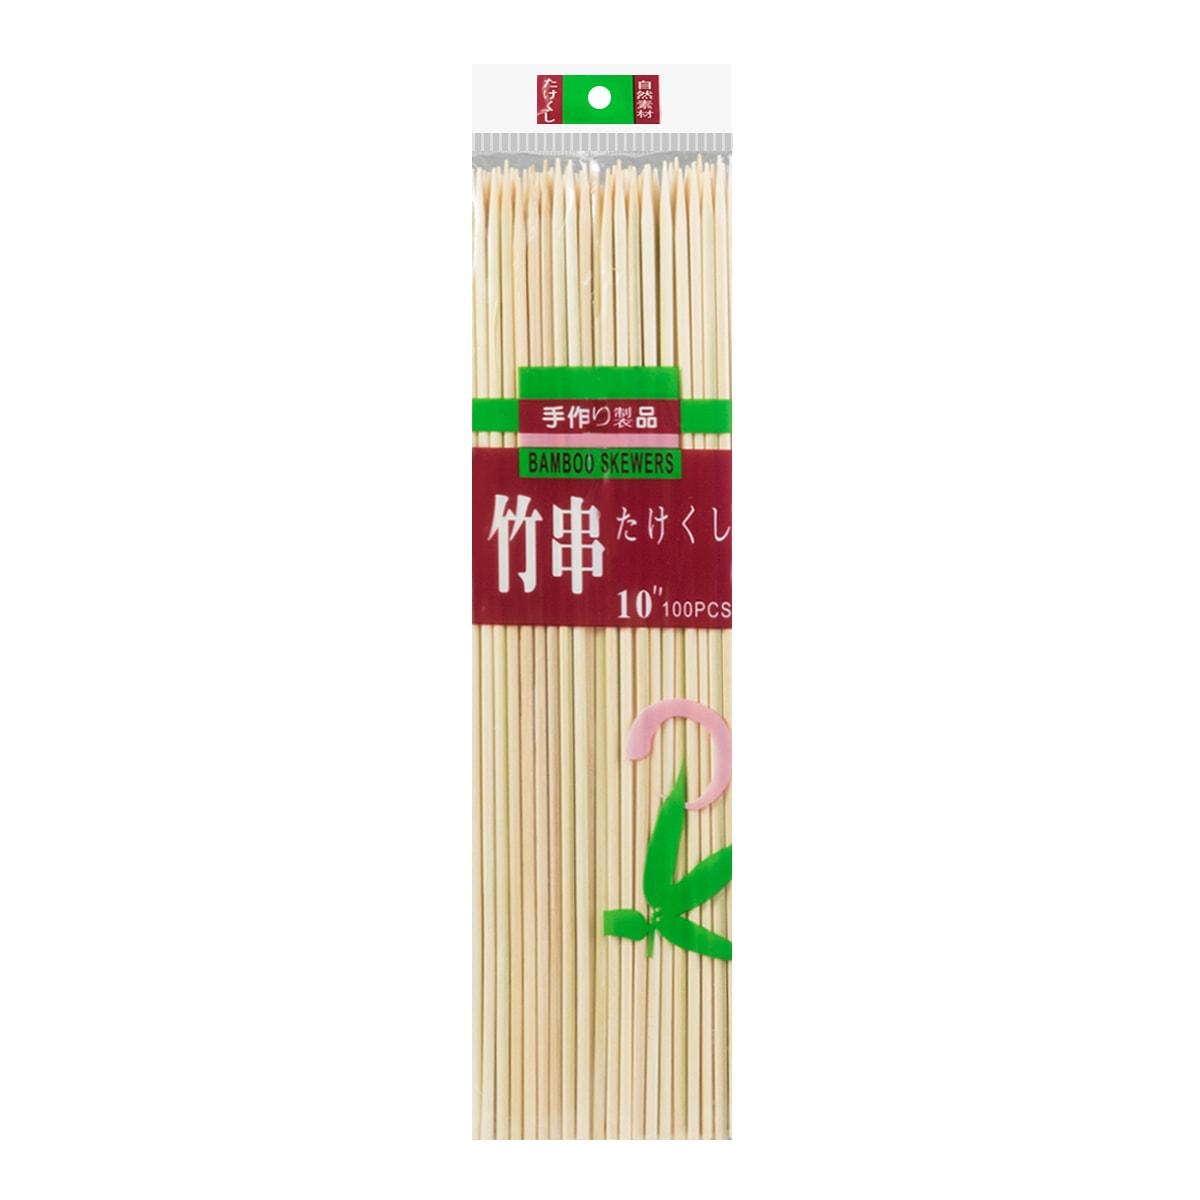 Long Bamboo Skewer Sticks 10